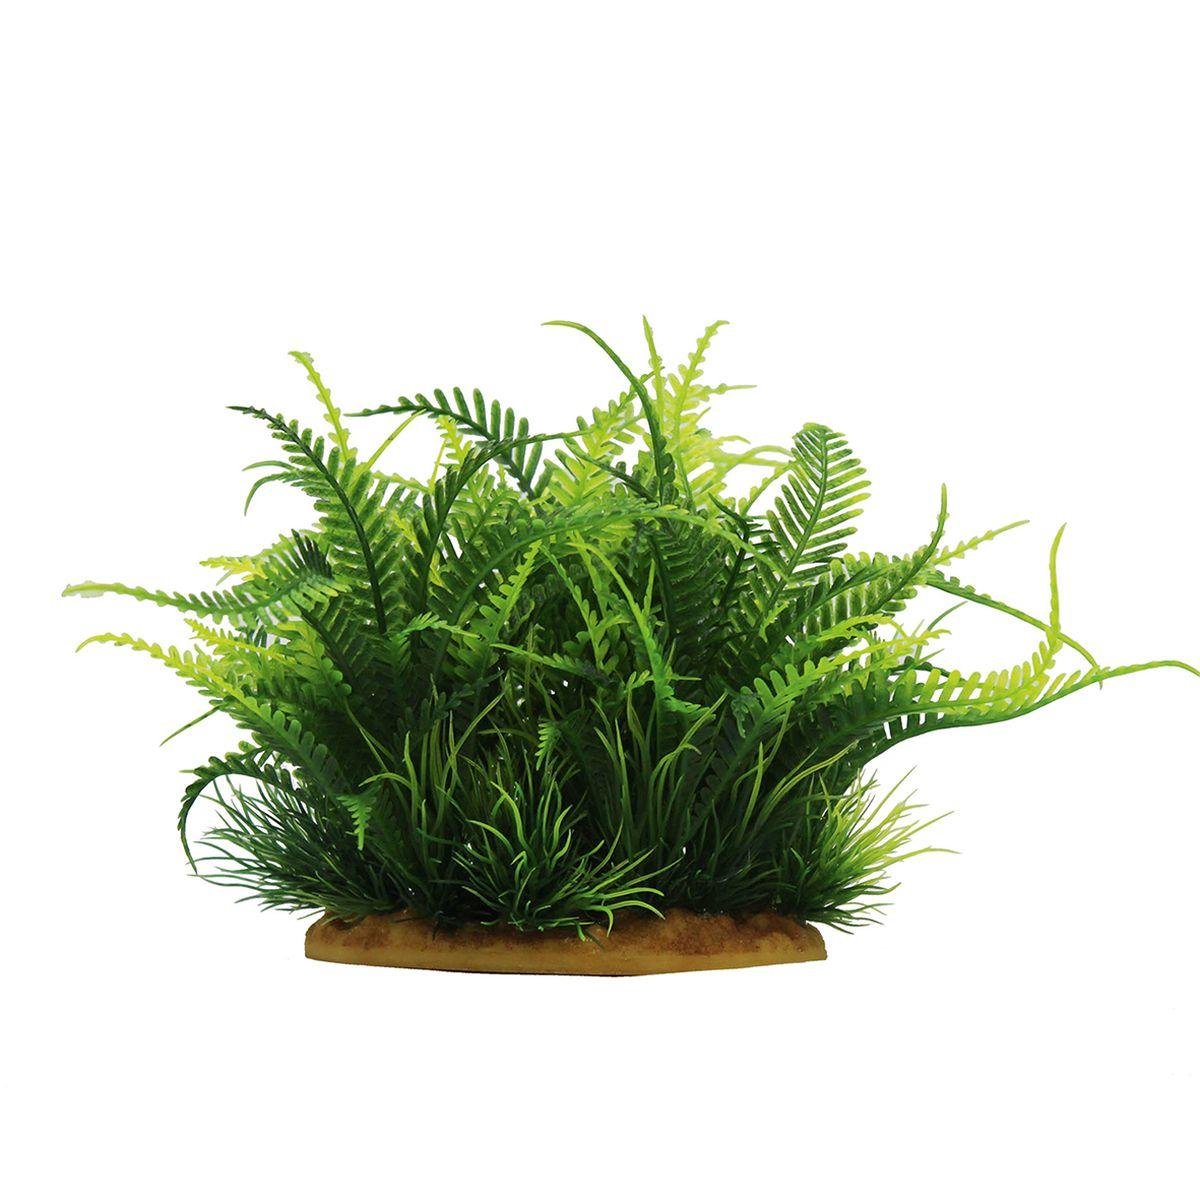 Растение для аквариума ArtUniq Папоротник, высота 15 смART-1160110Растение для аквариума ArtUniq Папоротник, высота 15 см